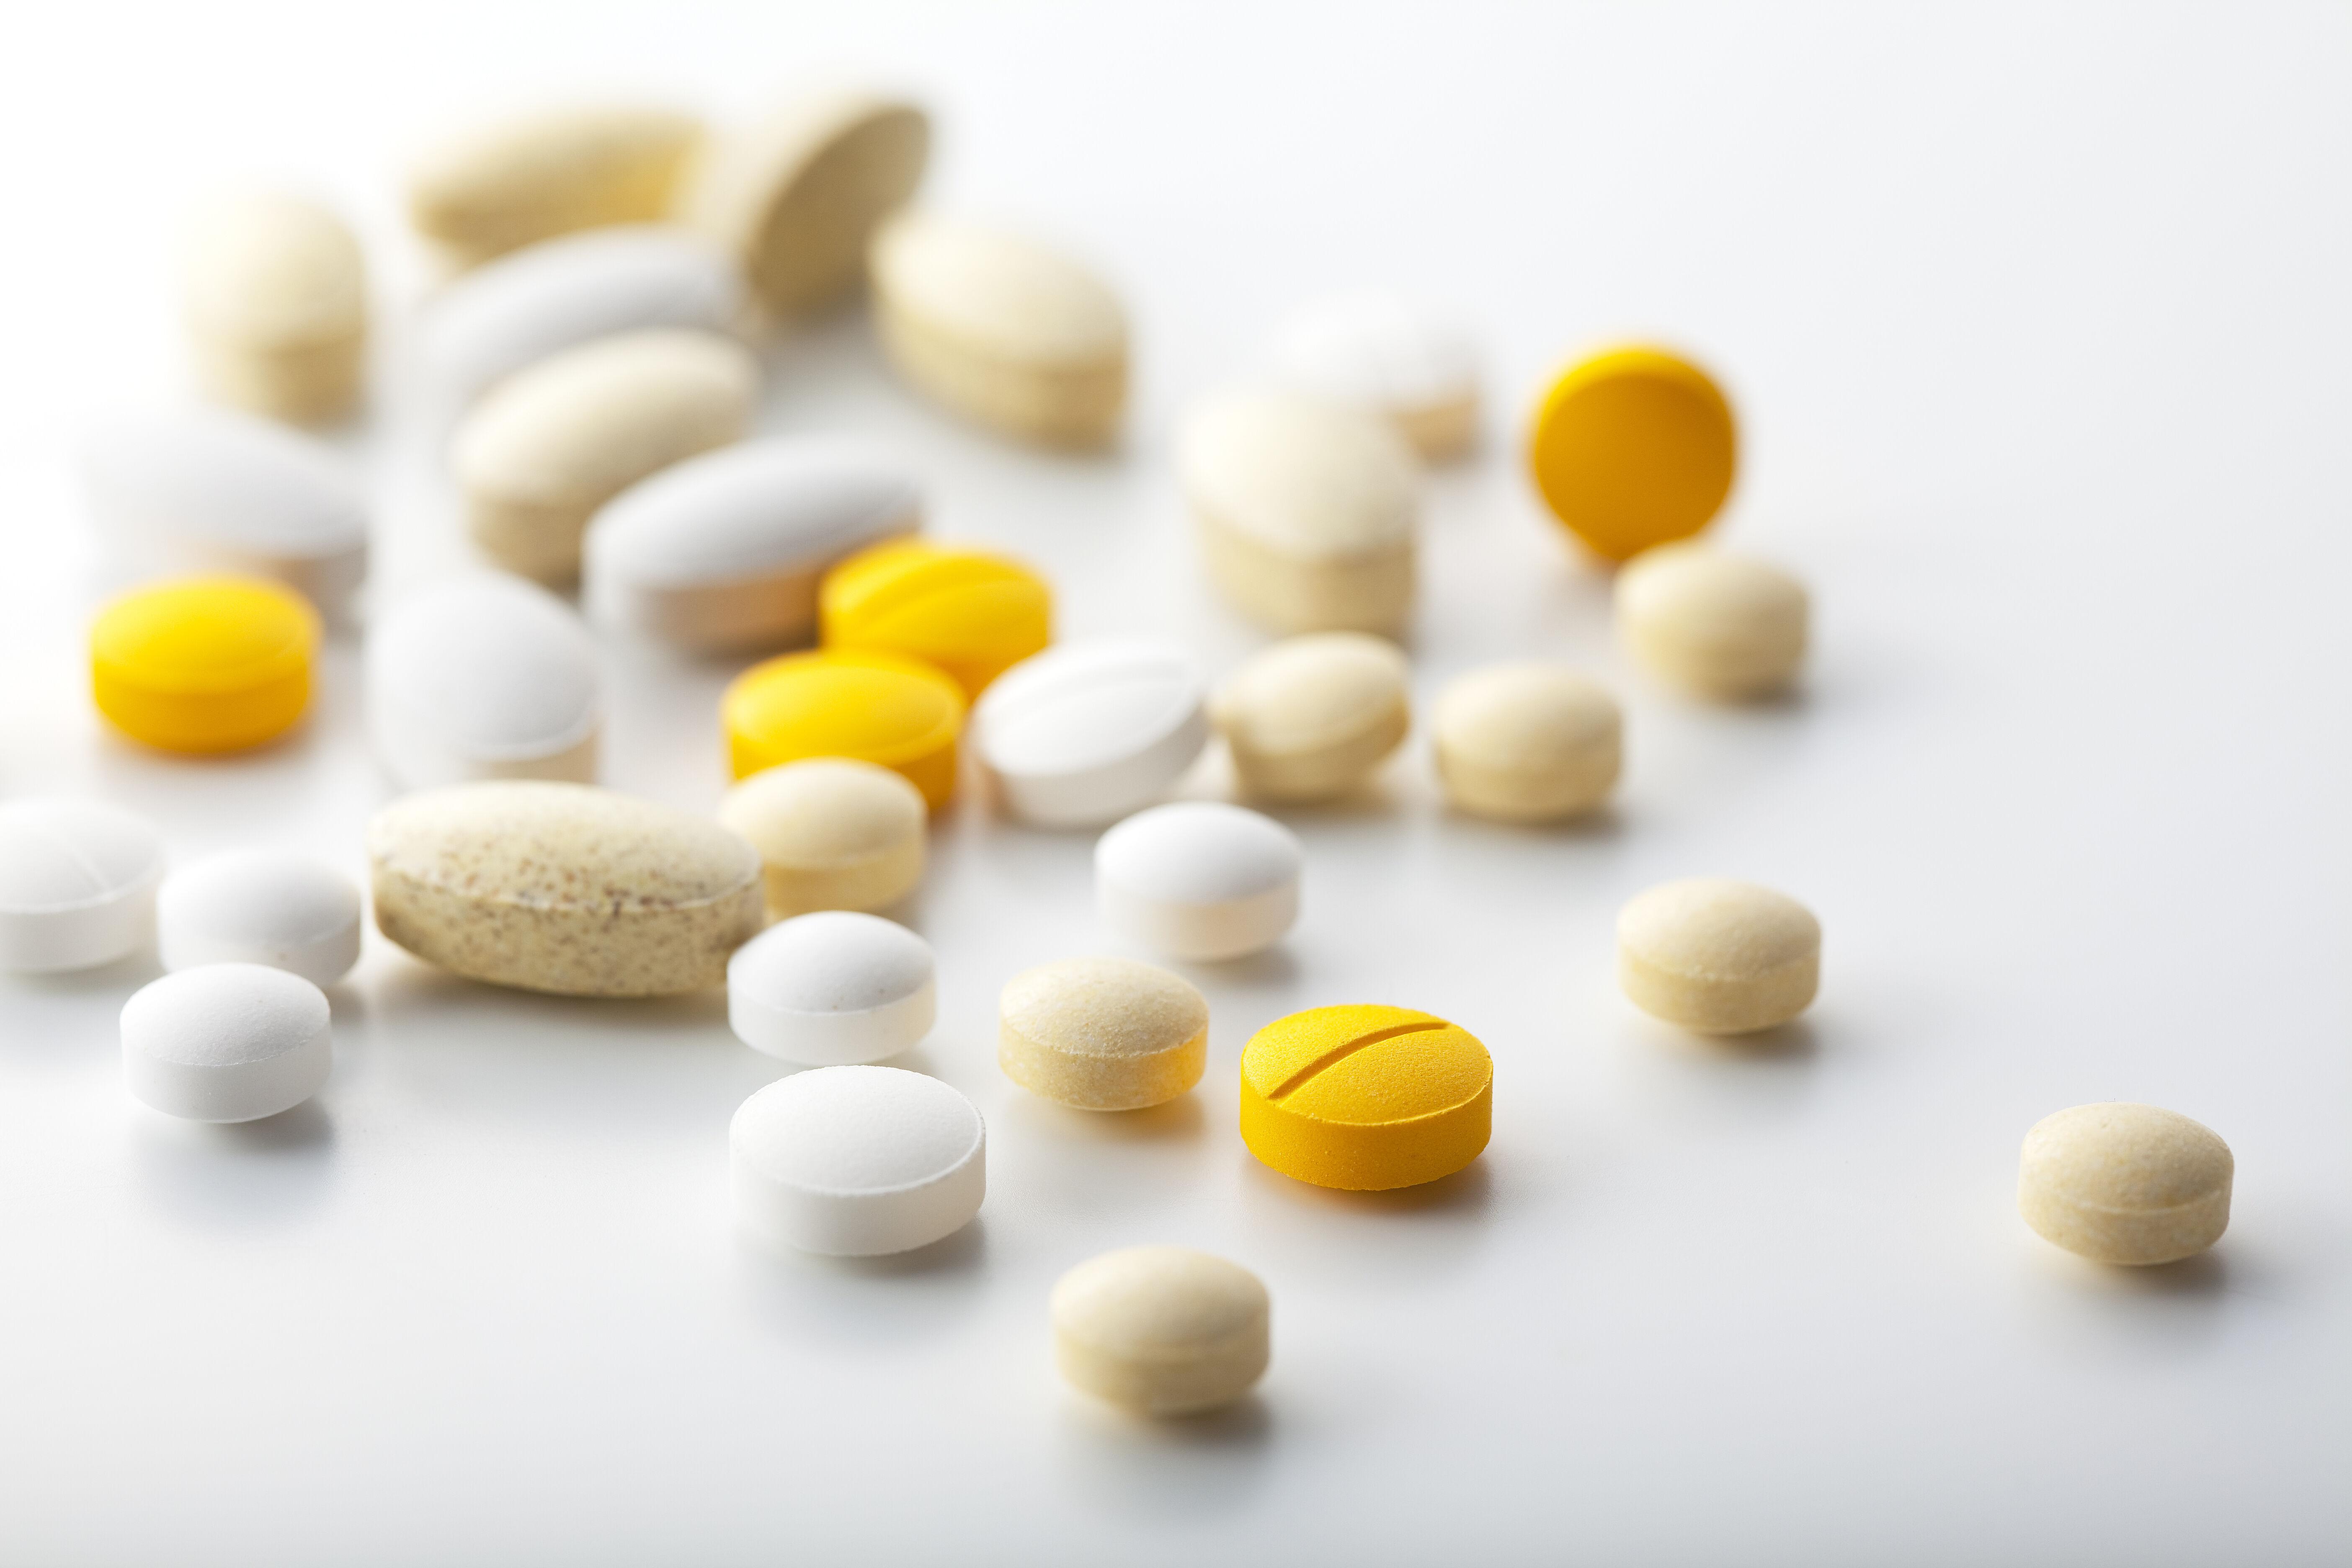 錠剤タイプのサプリメント